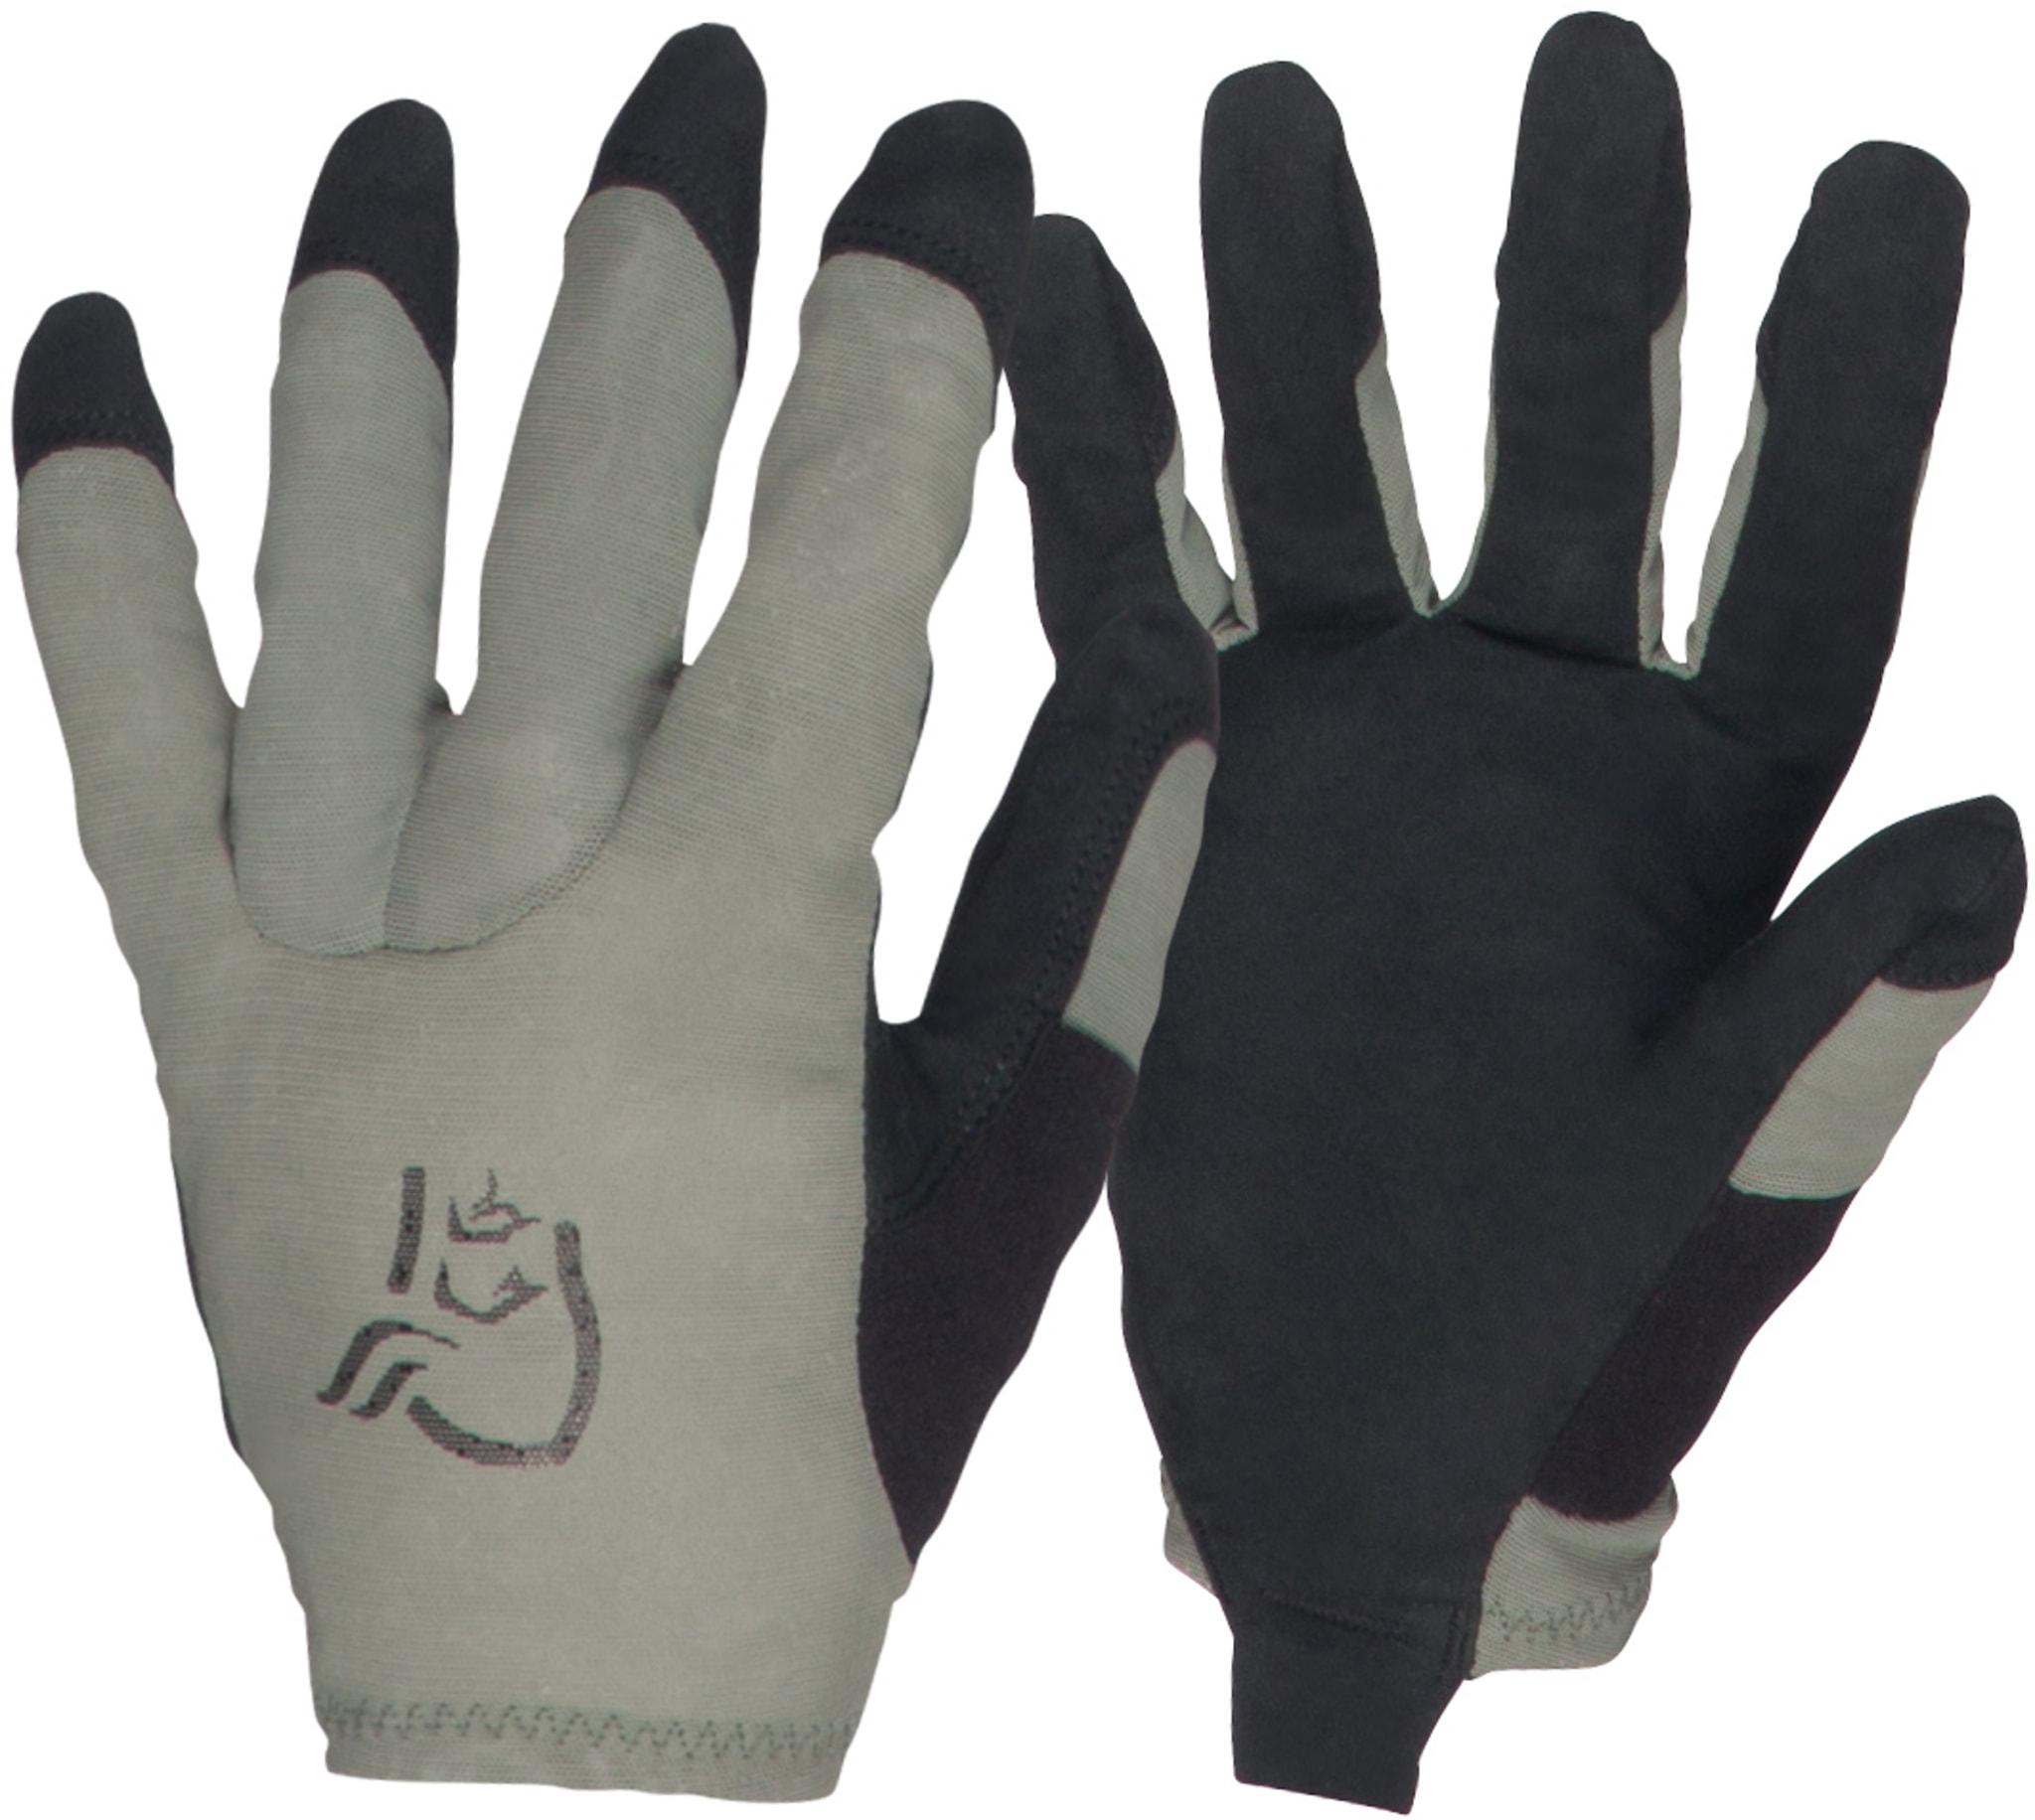 Fjørå Mesh Gloves